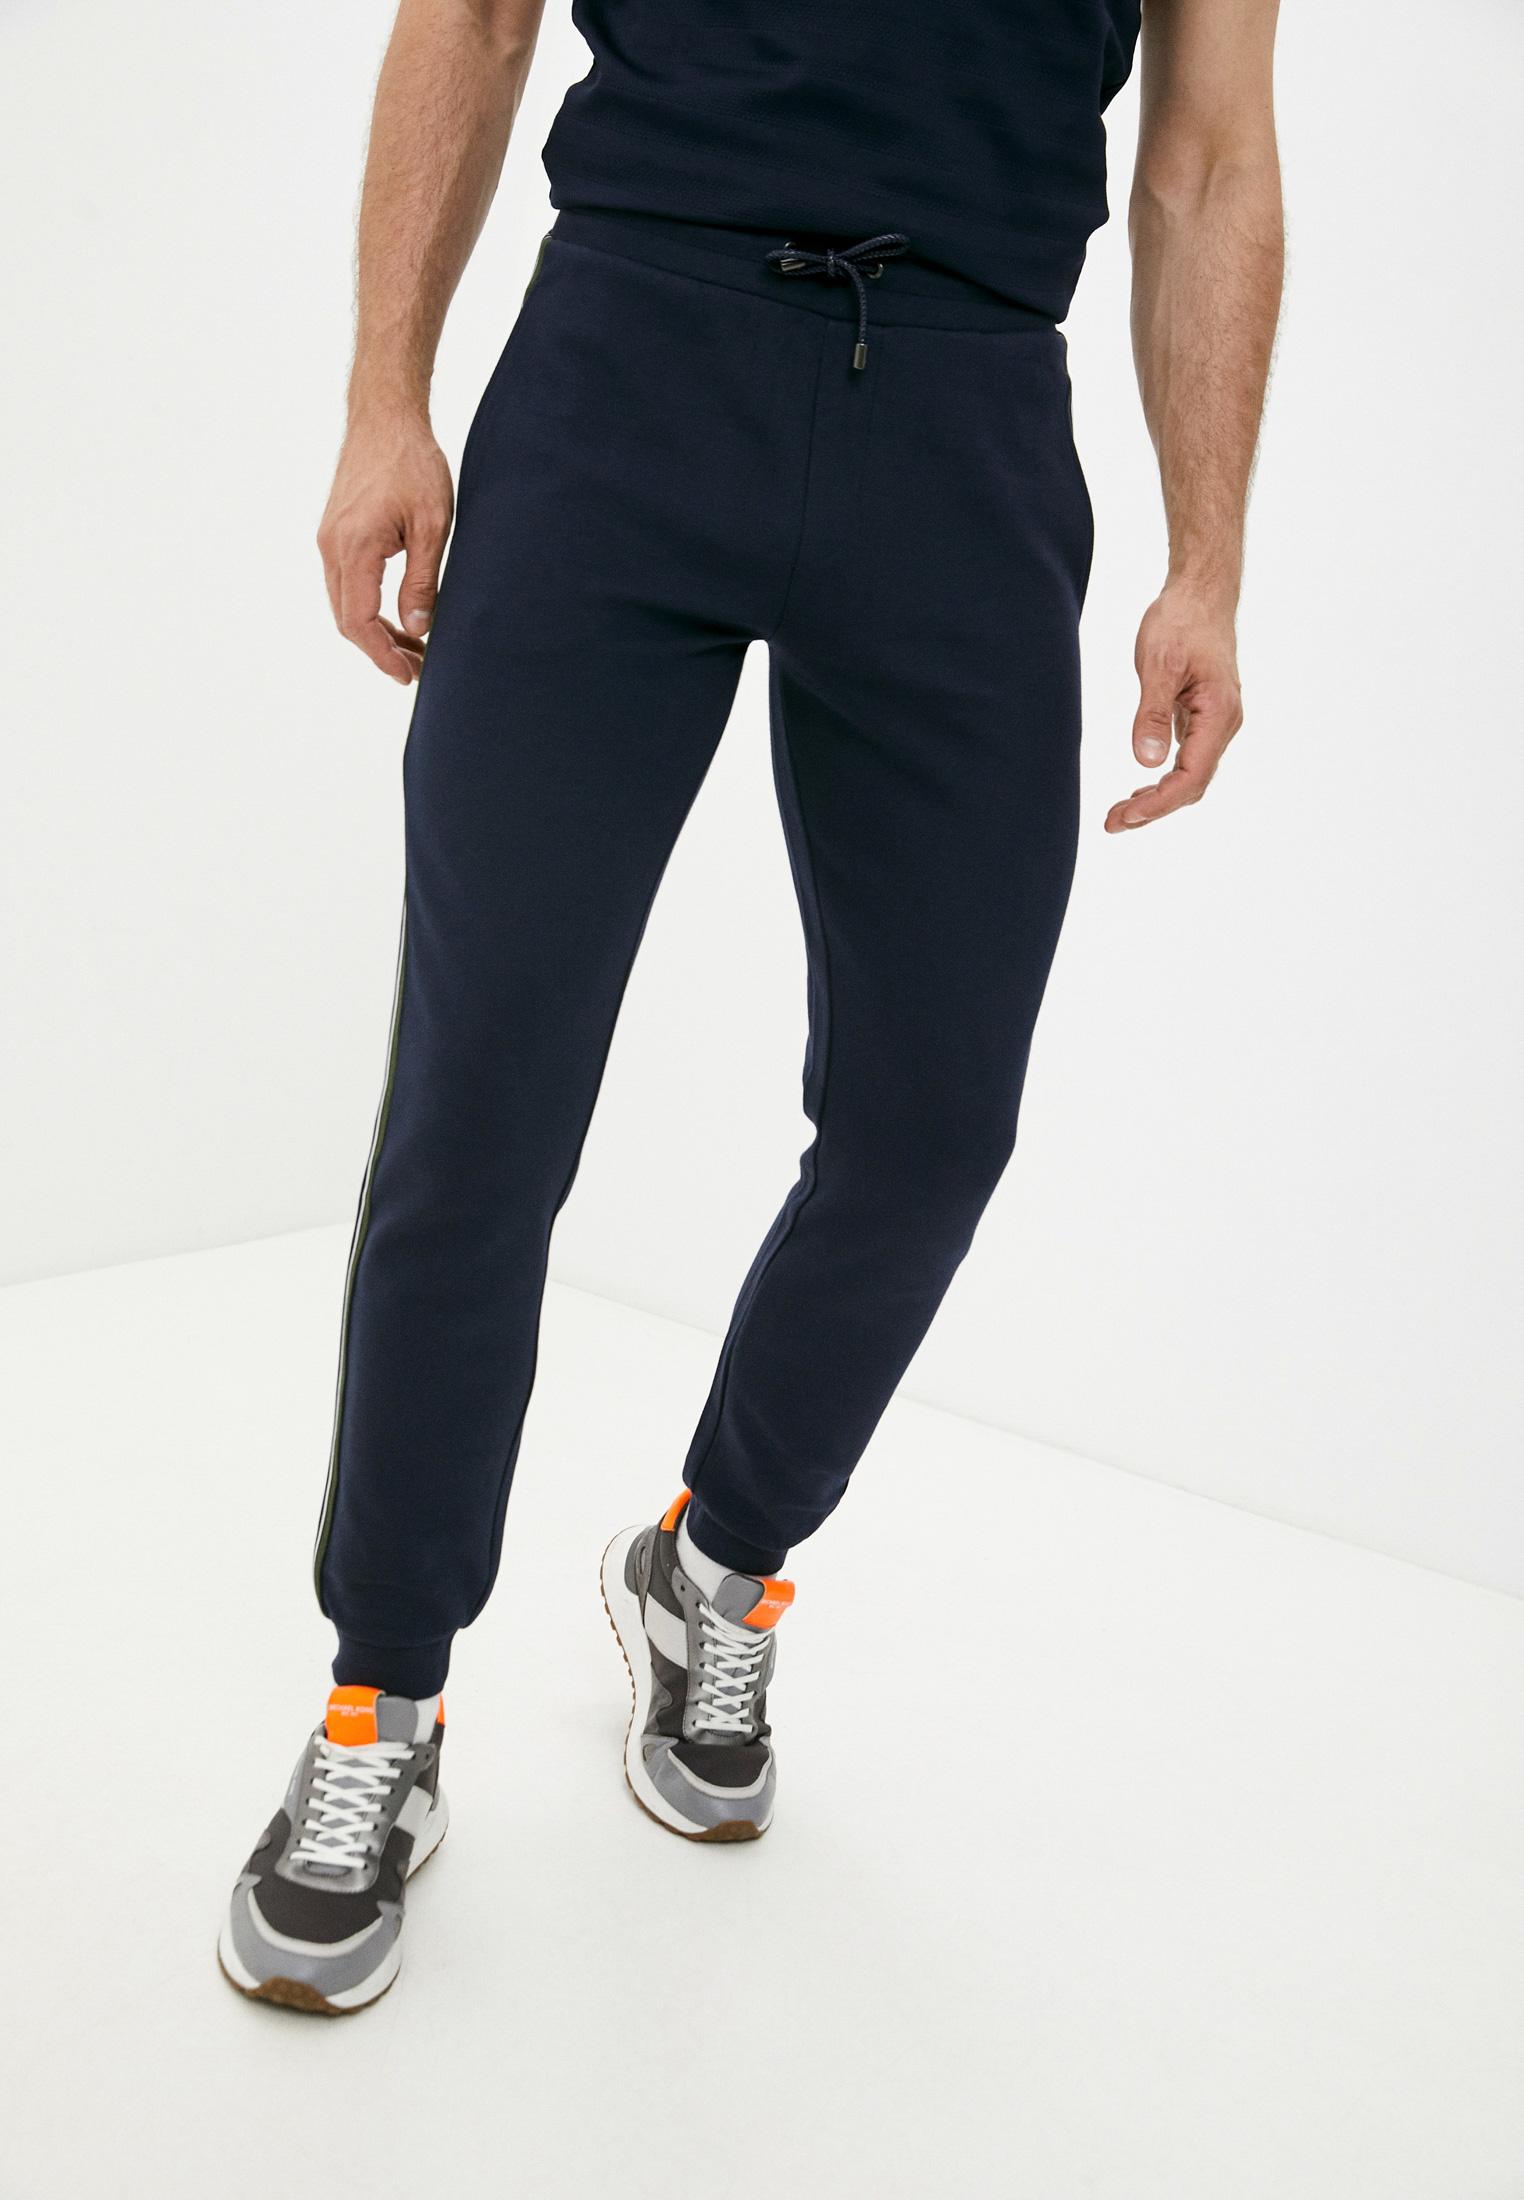 Мужские спортивные брюки BALDESSARINI (Балдессарини) 90003.5011: изображение 1